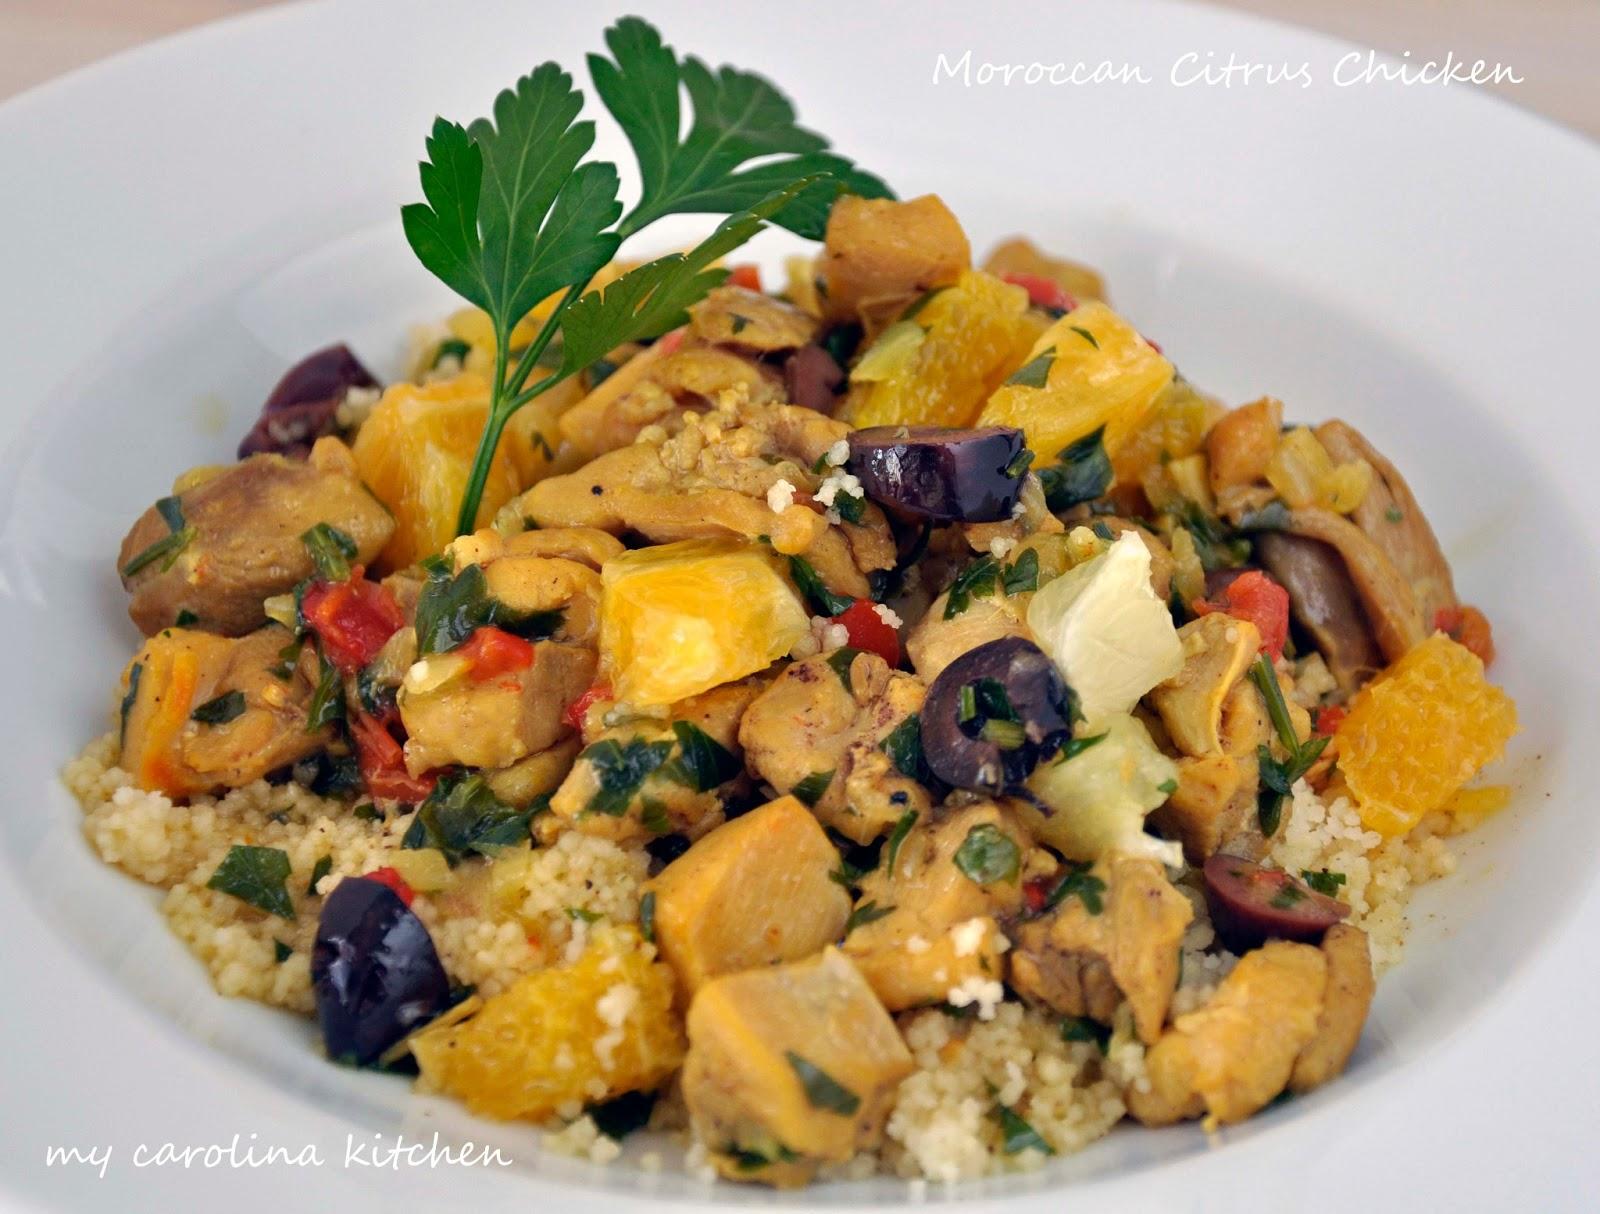 My Carolina Kitchen: Moroccan Chicken Stew